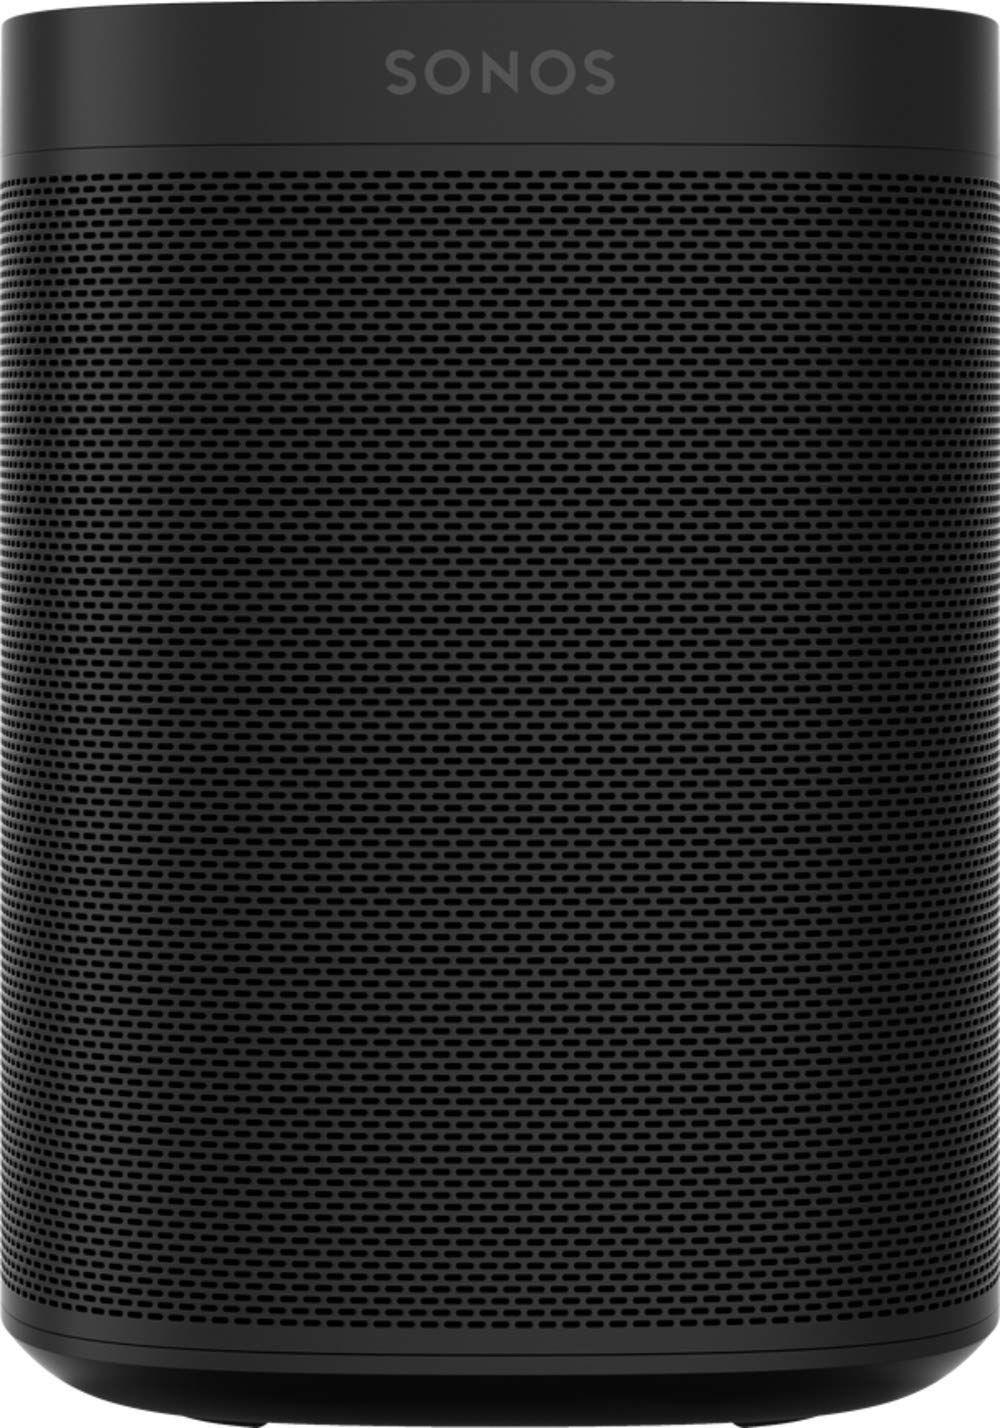 Enceinte WiFi Sonos One (dernière génération) avec Alexa/Google Assistant